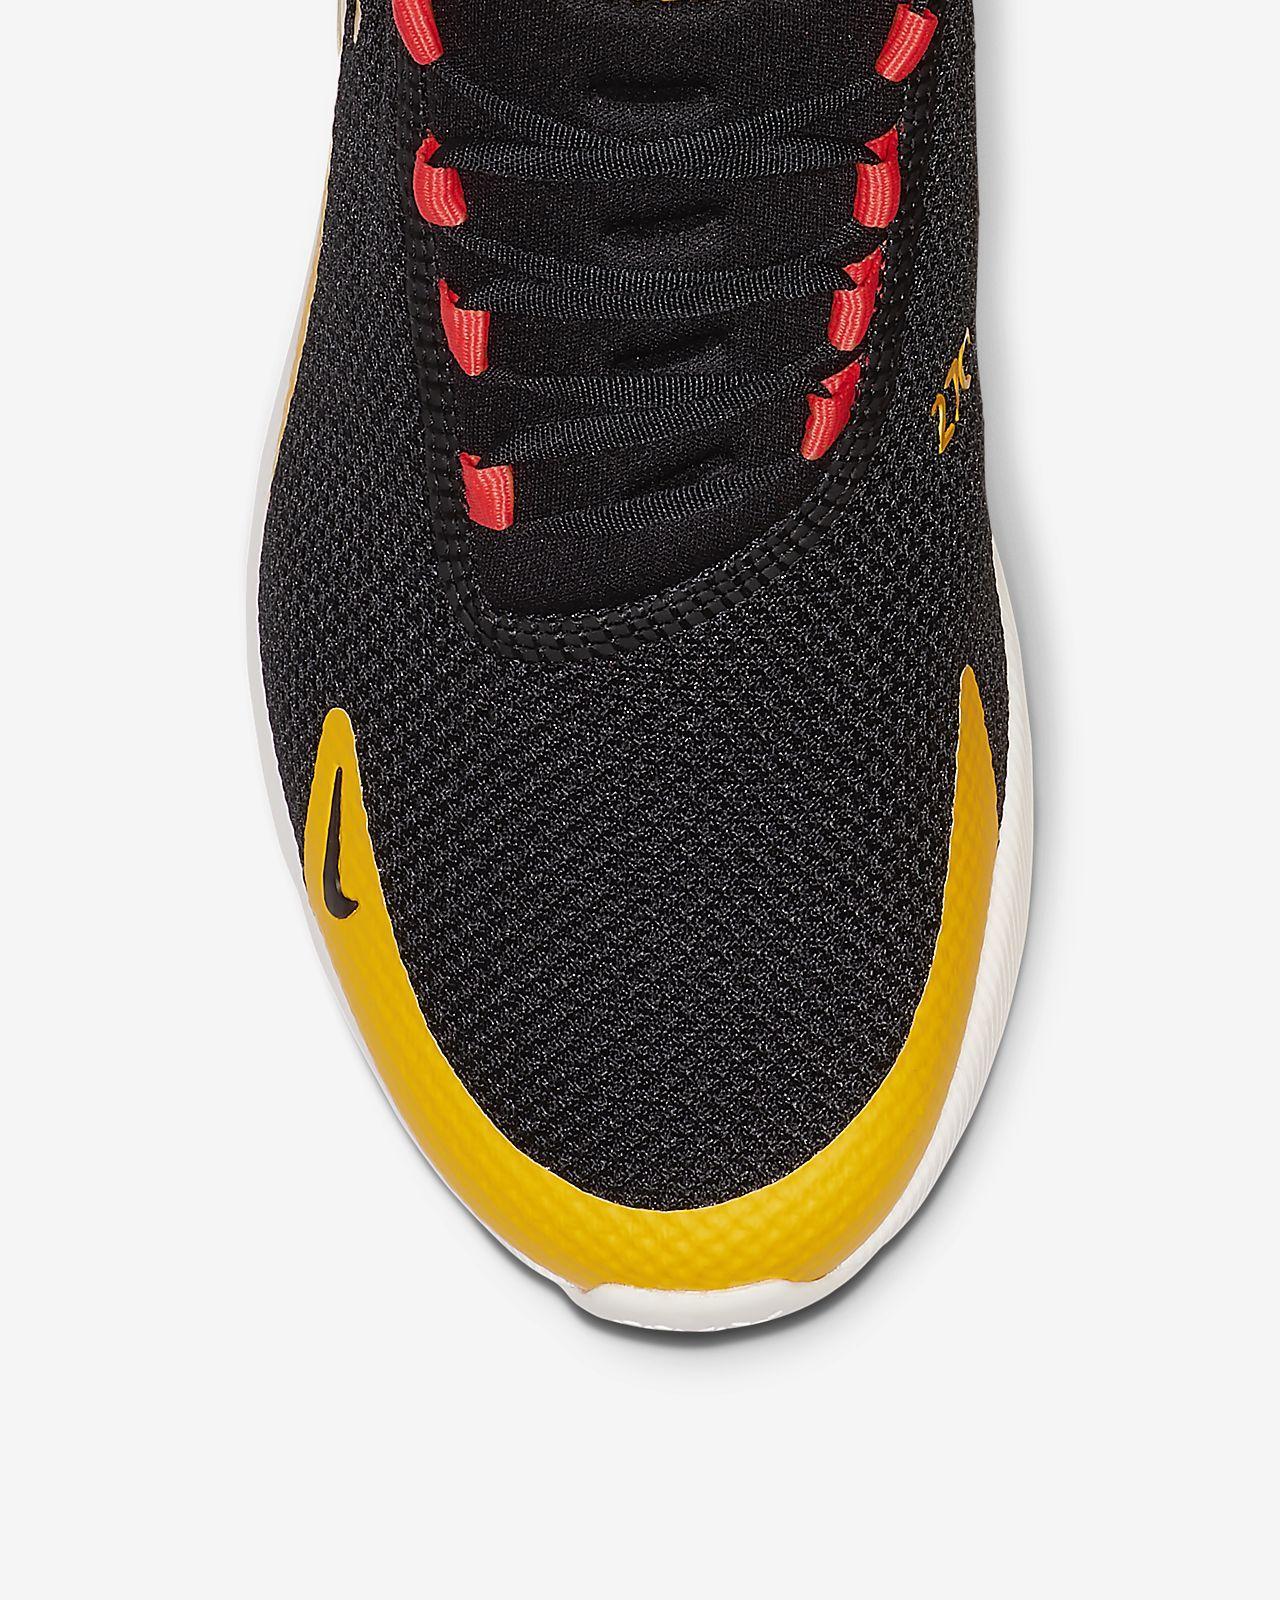 info for fe0c0 364fb ... Sko Nike Air Max 270 SE Floral för kvinnor